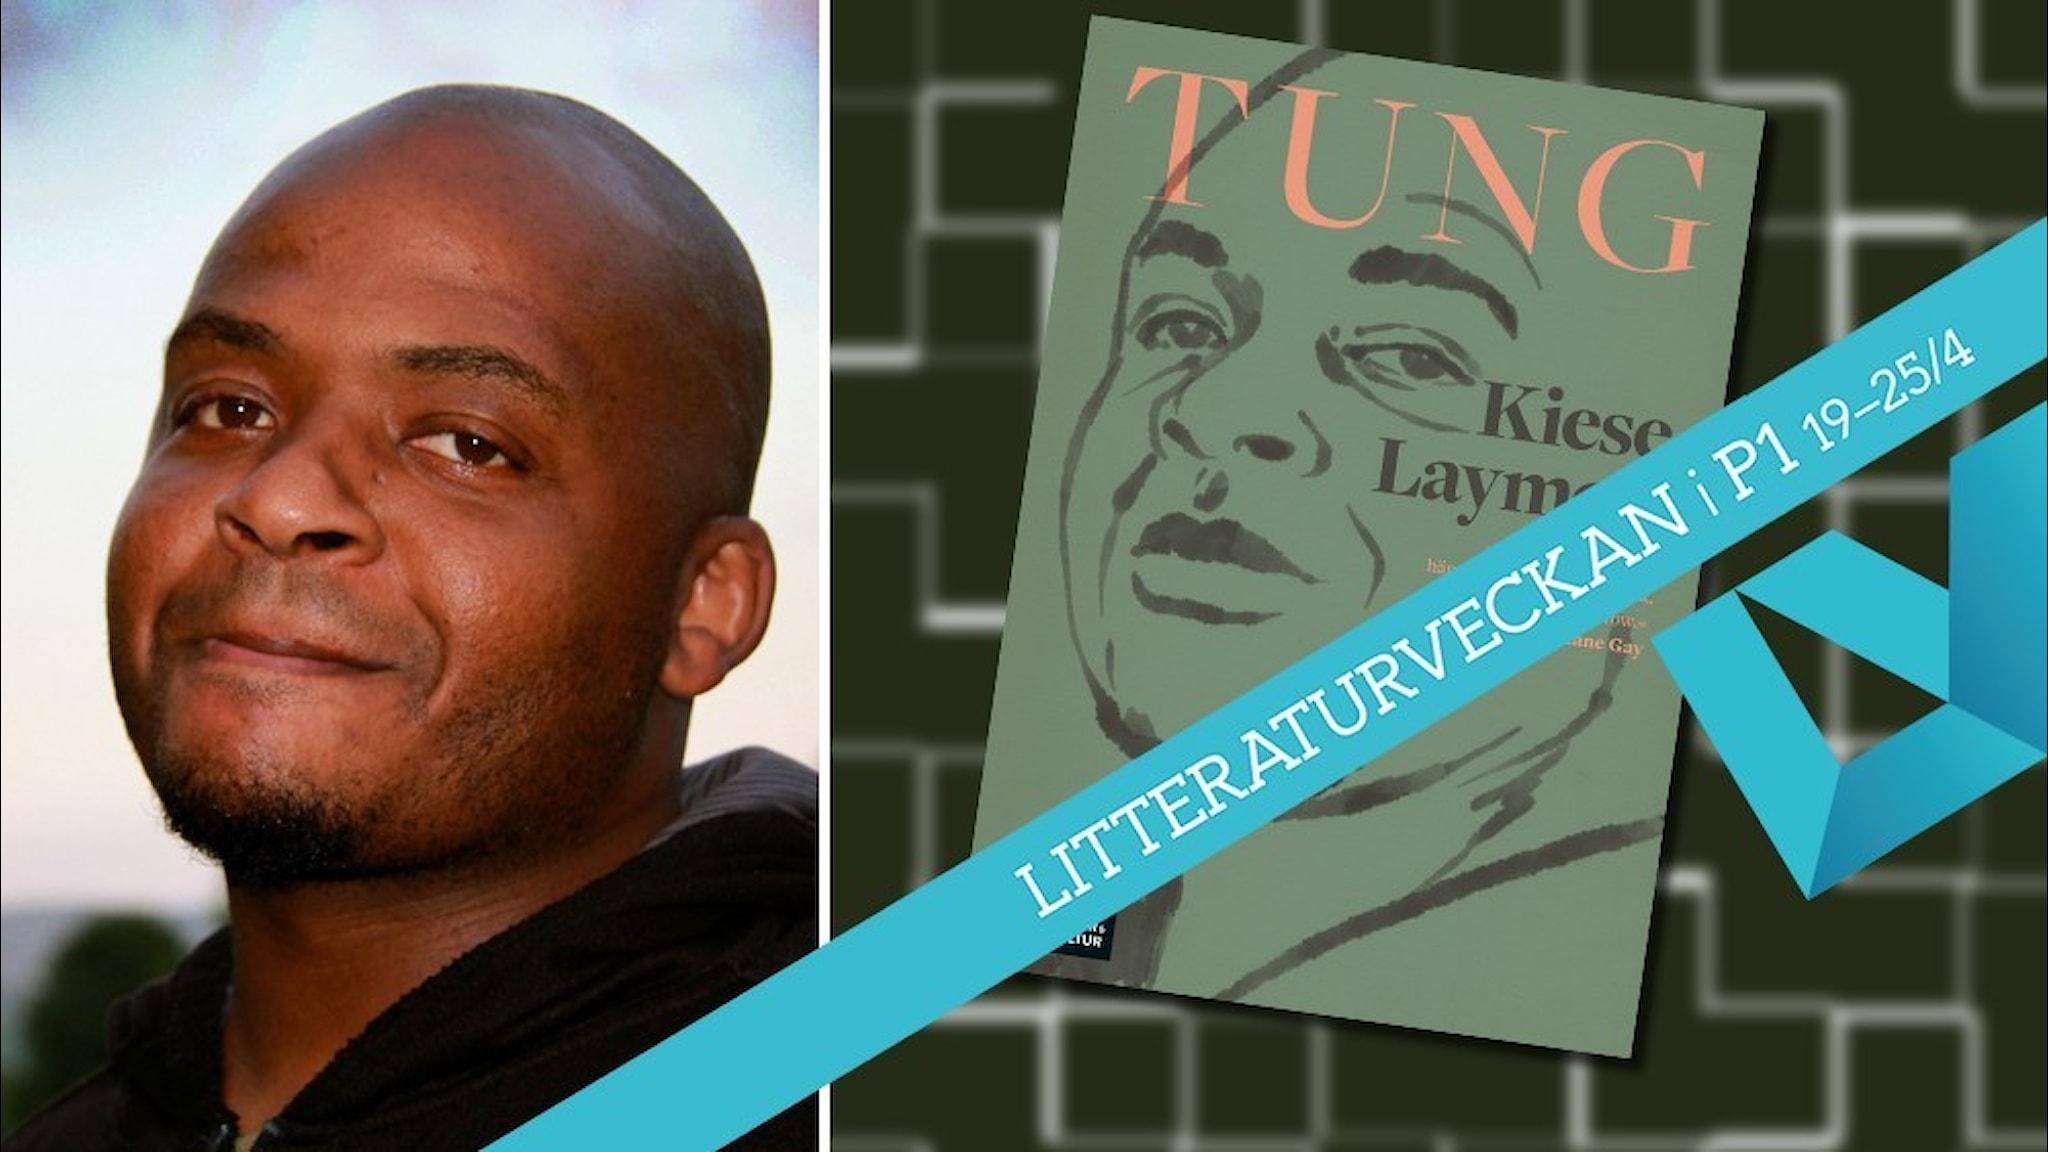 Porträtt av författaren Kiese Laymon och infällt i bilden är omslaget till hans bok Tung.